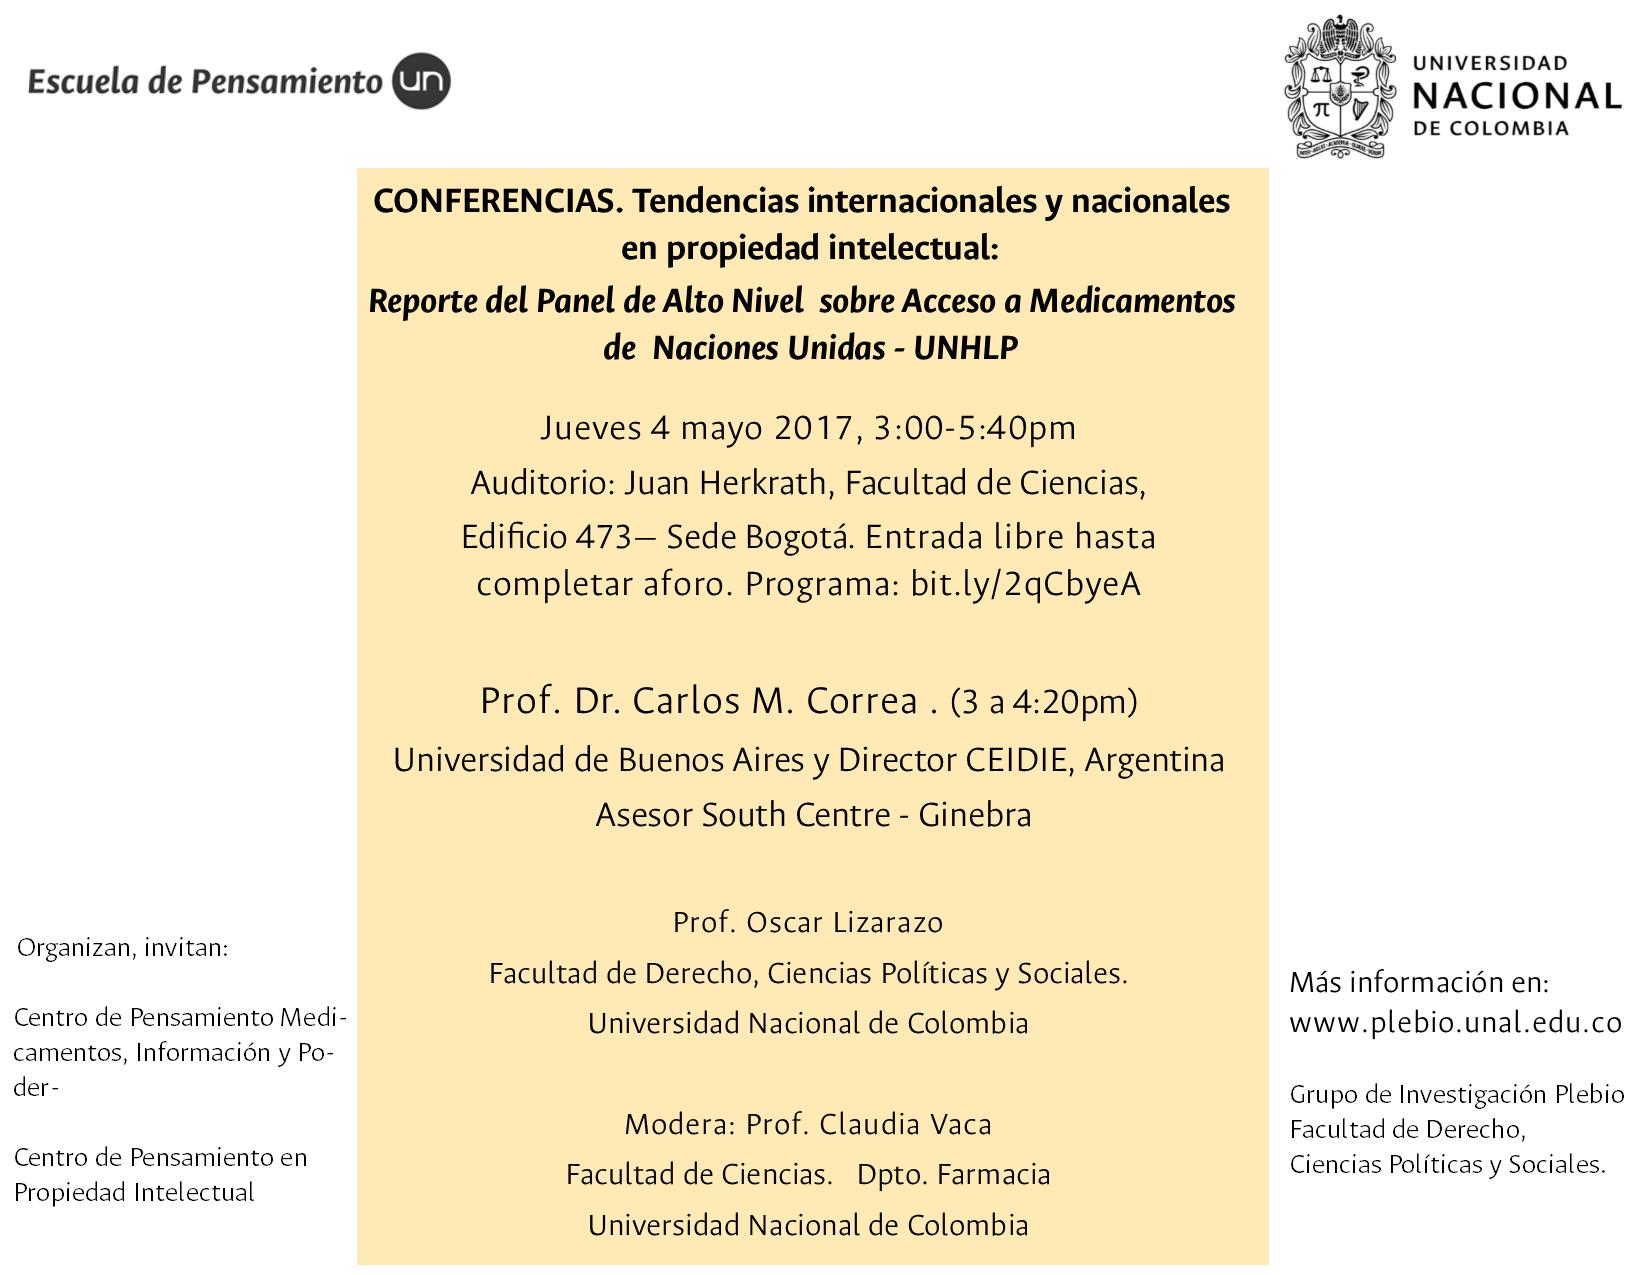 Conferencias «Tendencias internacionales y nacionales en propiedad intelectual: Reporte del Panel de Alto Nivel sobre Acceso a Medicamentos de Naciones Unidas (UNHLP)»